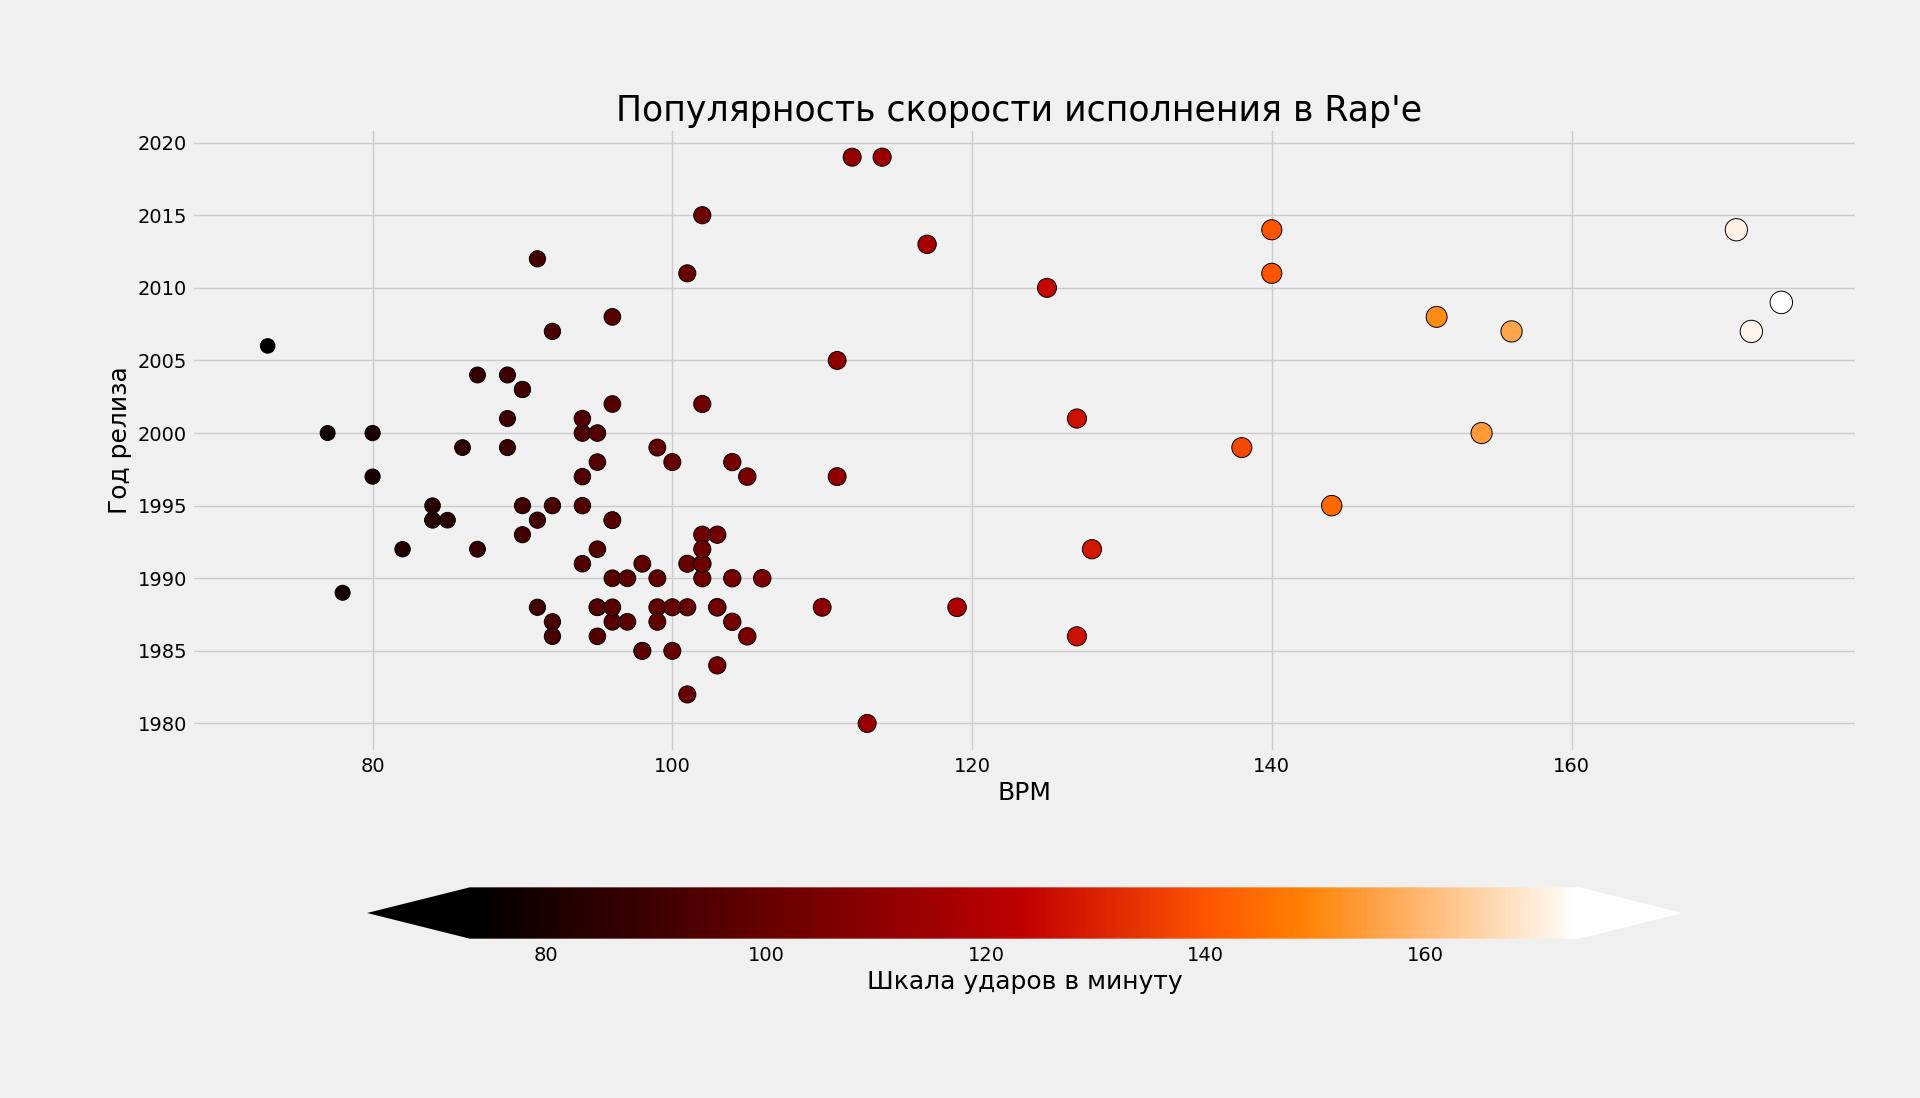 Видно, что с 1980 по 2005 гг. основным темпом был диапазон в 90-105 BPM